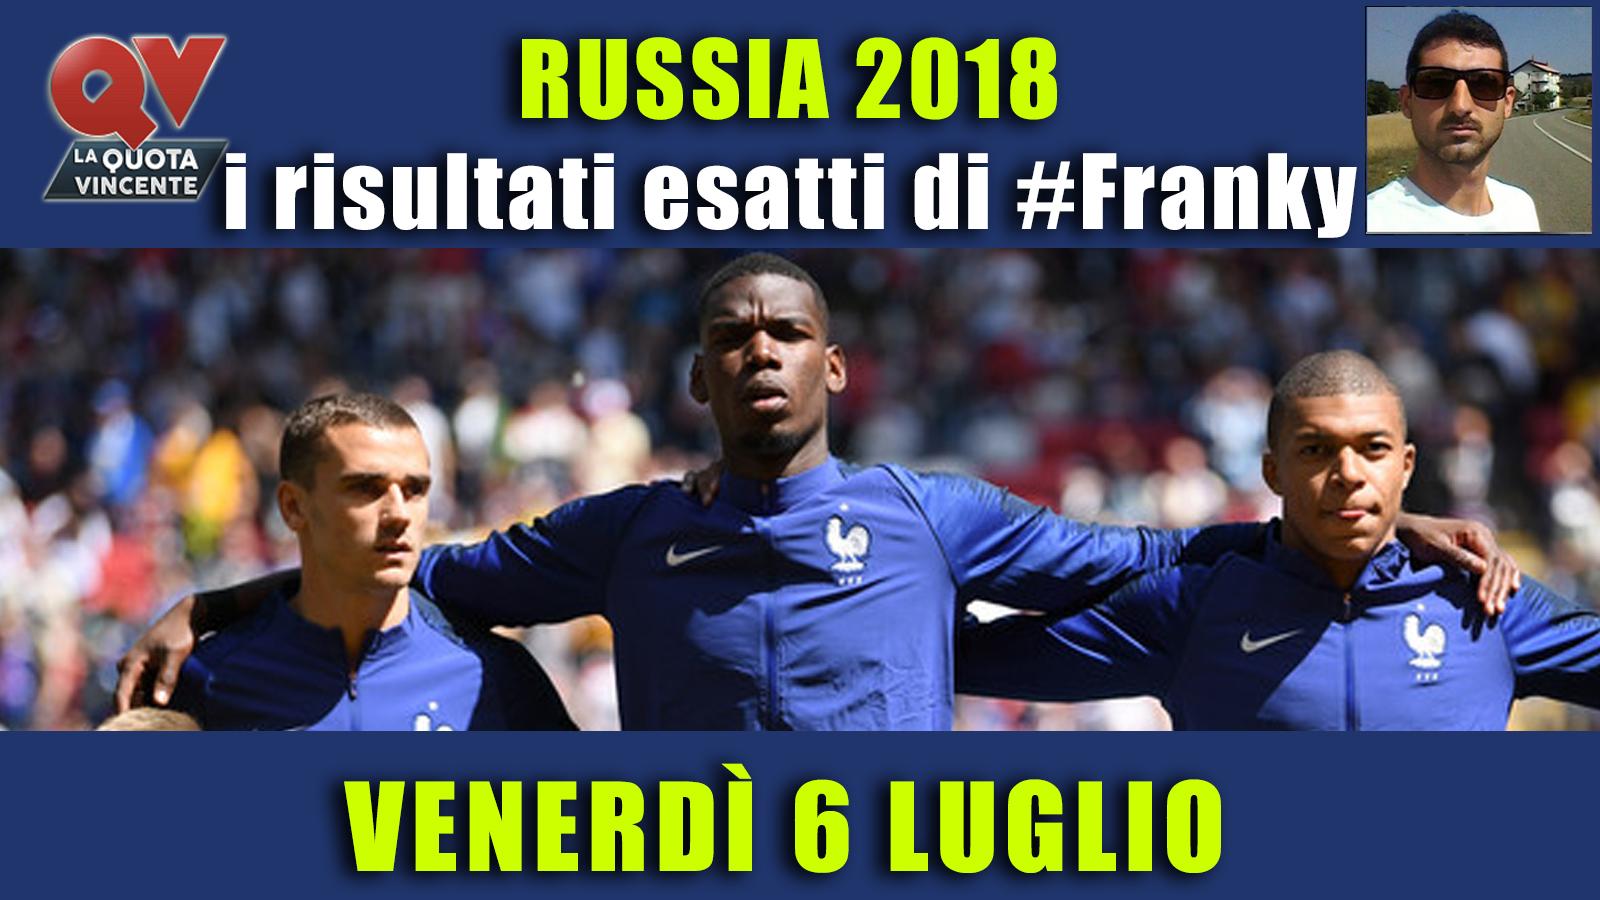 Pronostici risultati esatti Mondiali 6 luglio: le scelte di #FrankyDefa